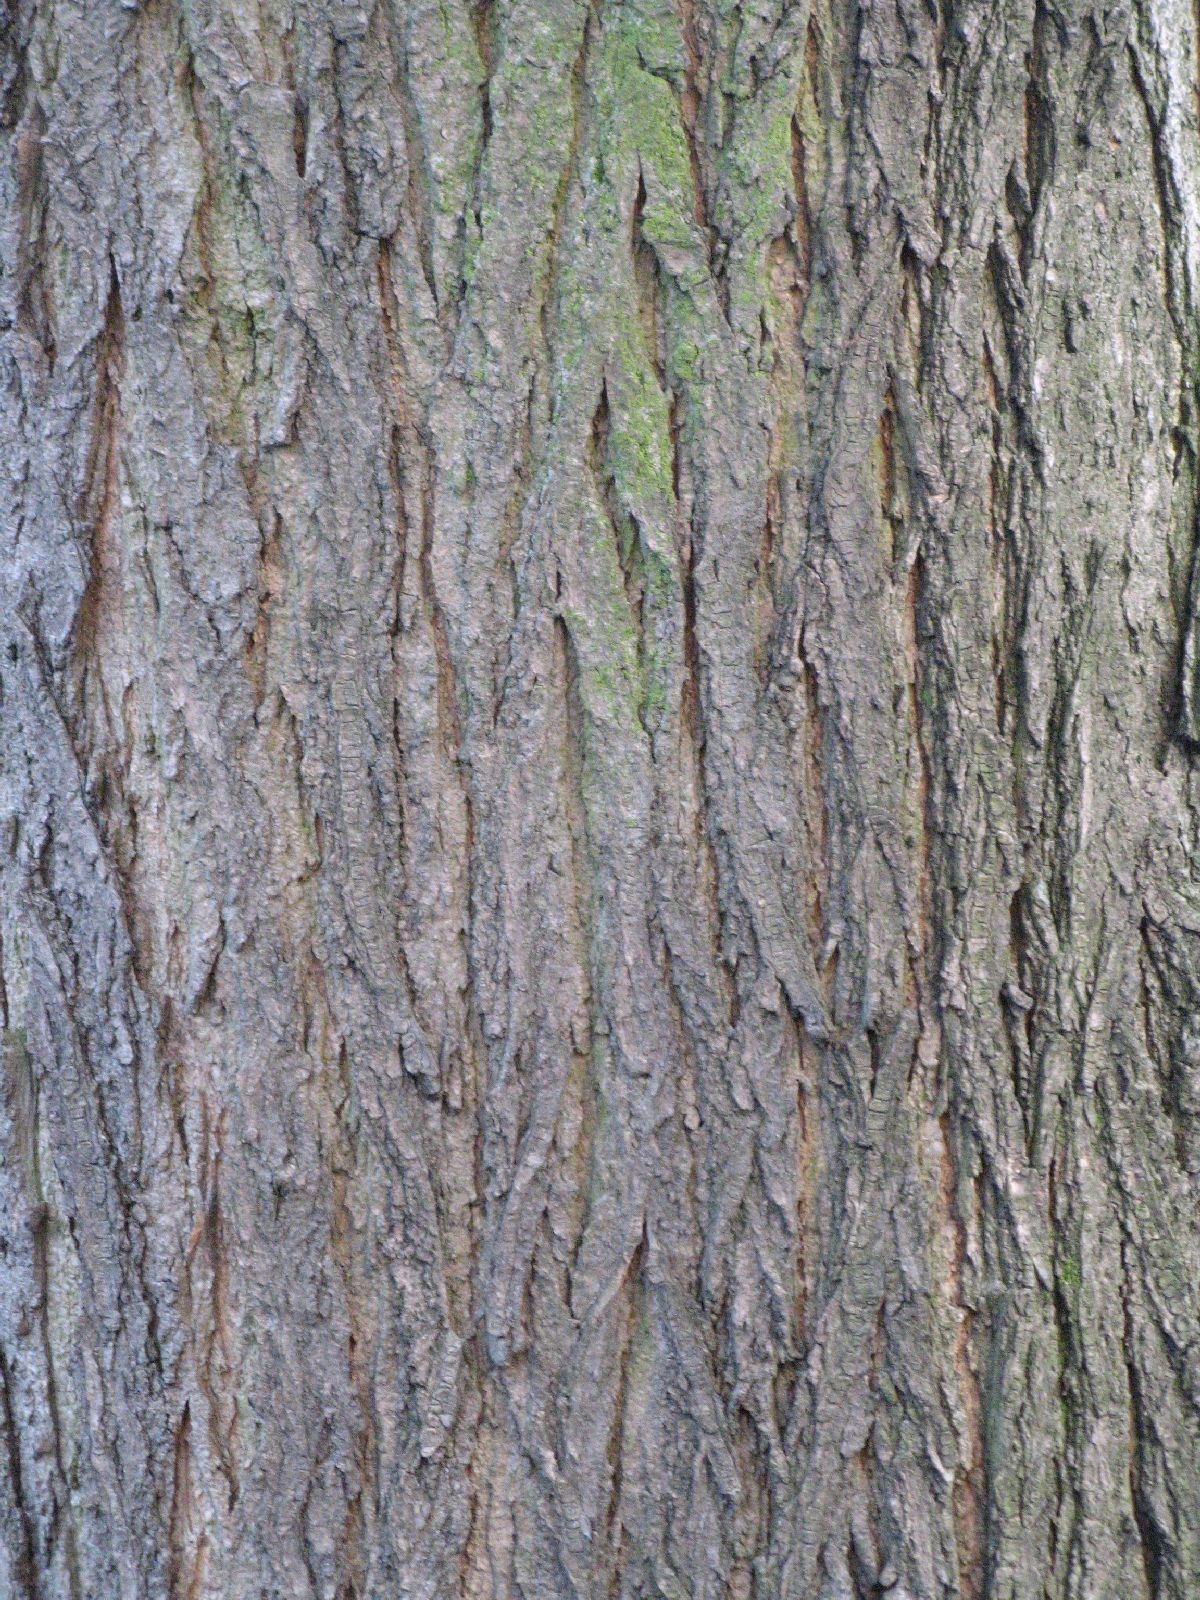 Baum-Rinde_Texturs_B_27410